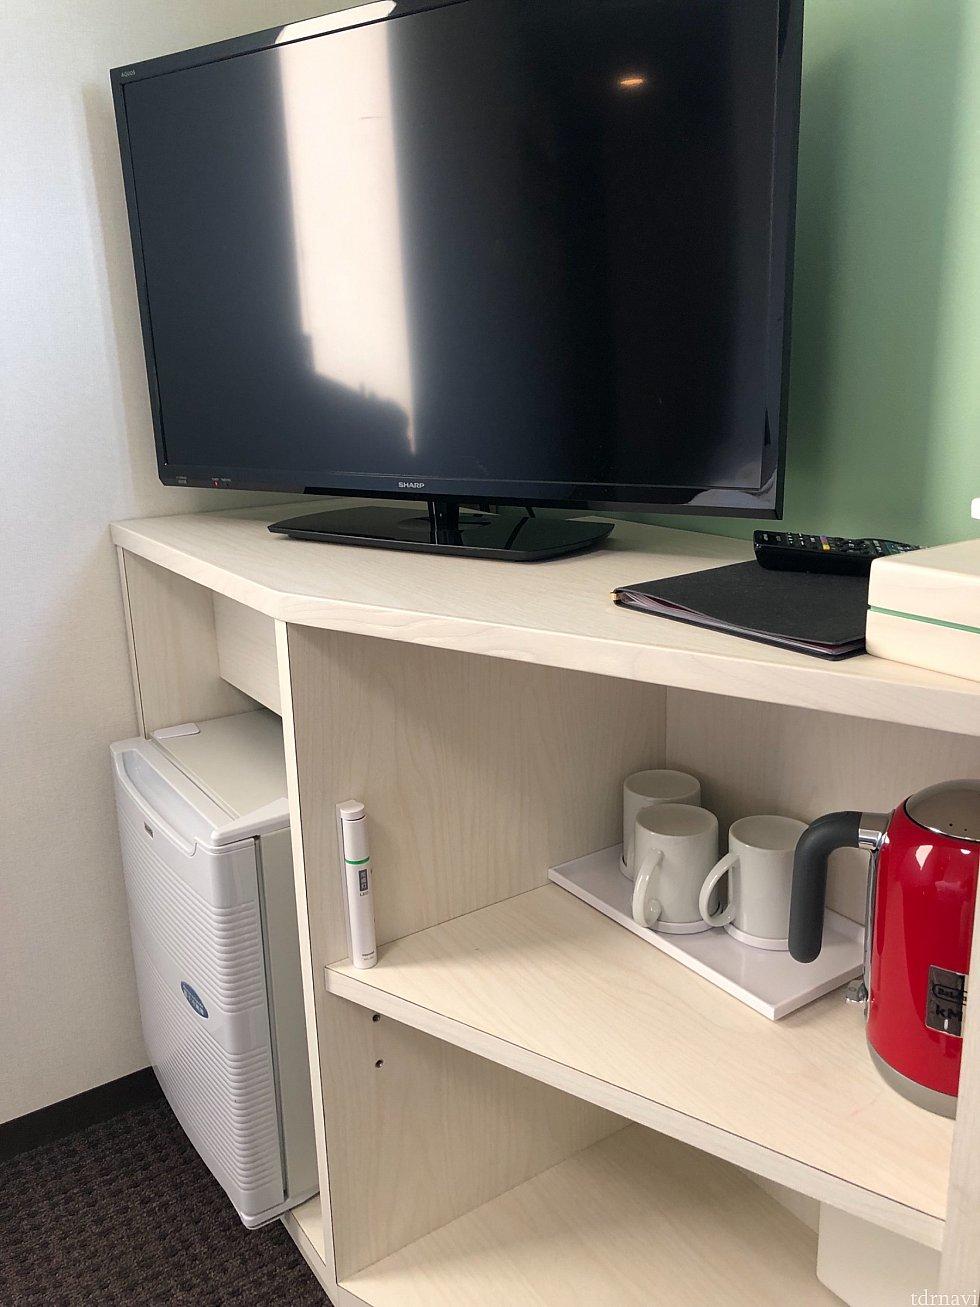 カップ3 冷蔵庫 湯沸しポット テレビ